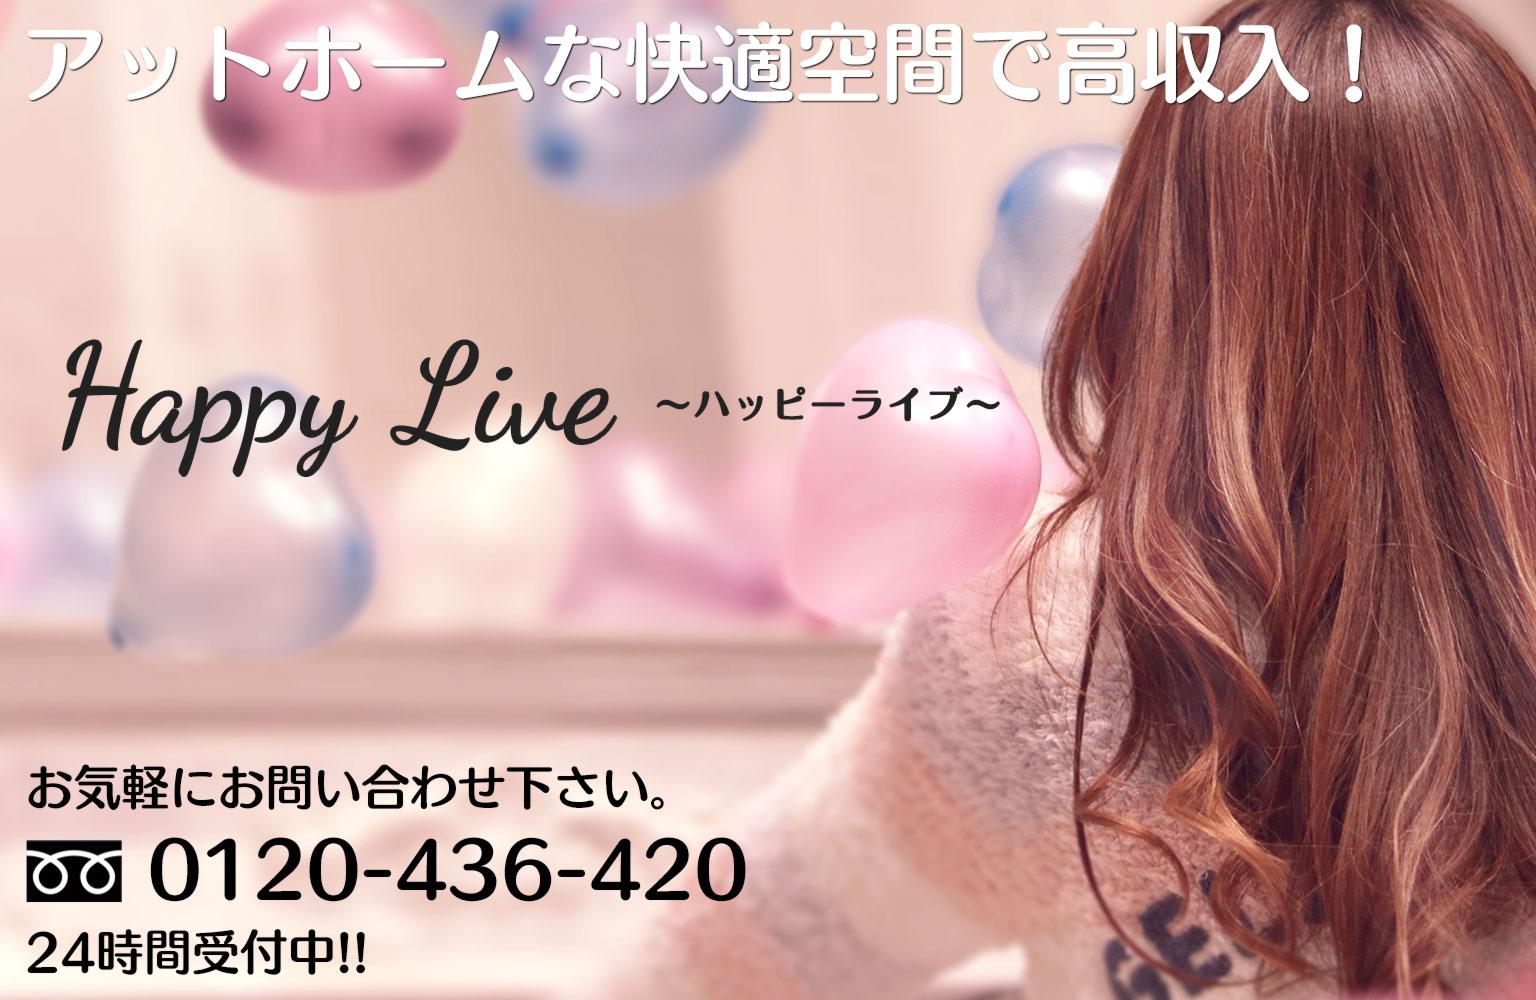 チャット 女の子募集 Happy Live 池袋 高収入 アルバイト